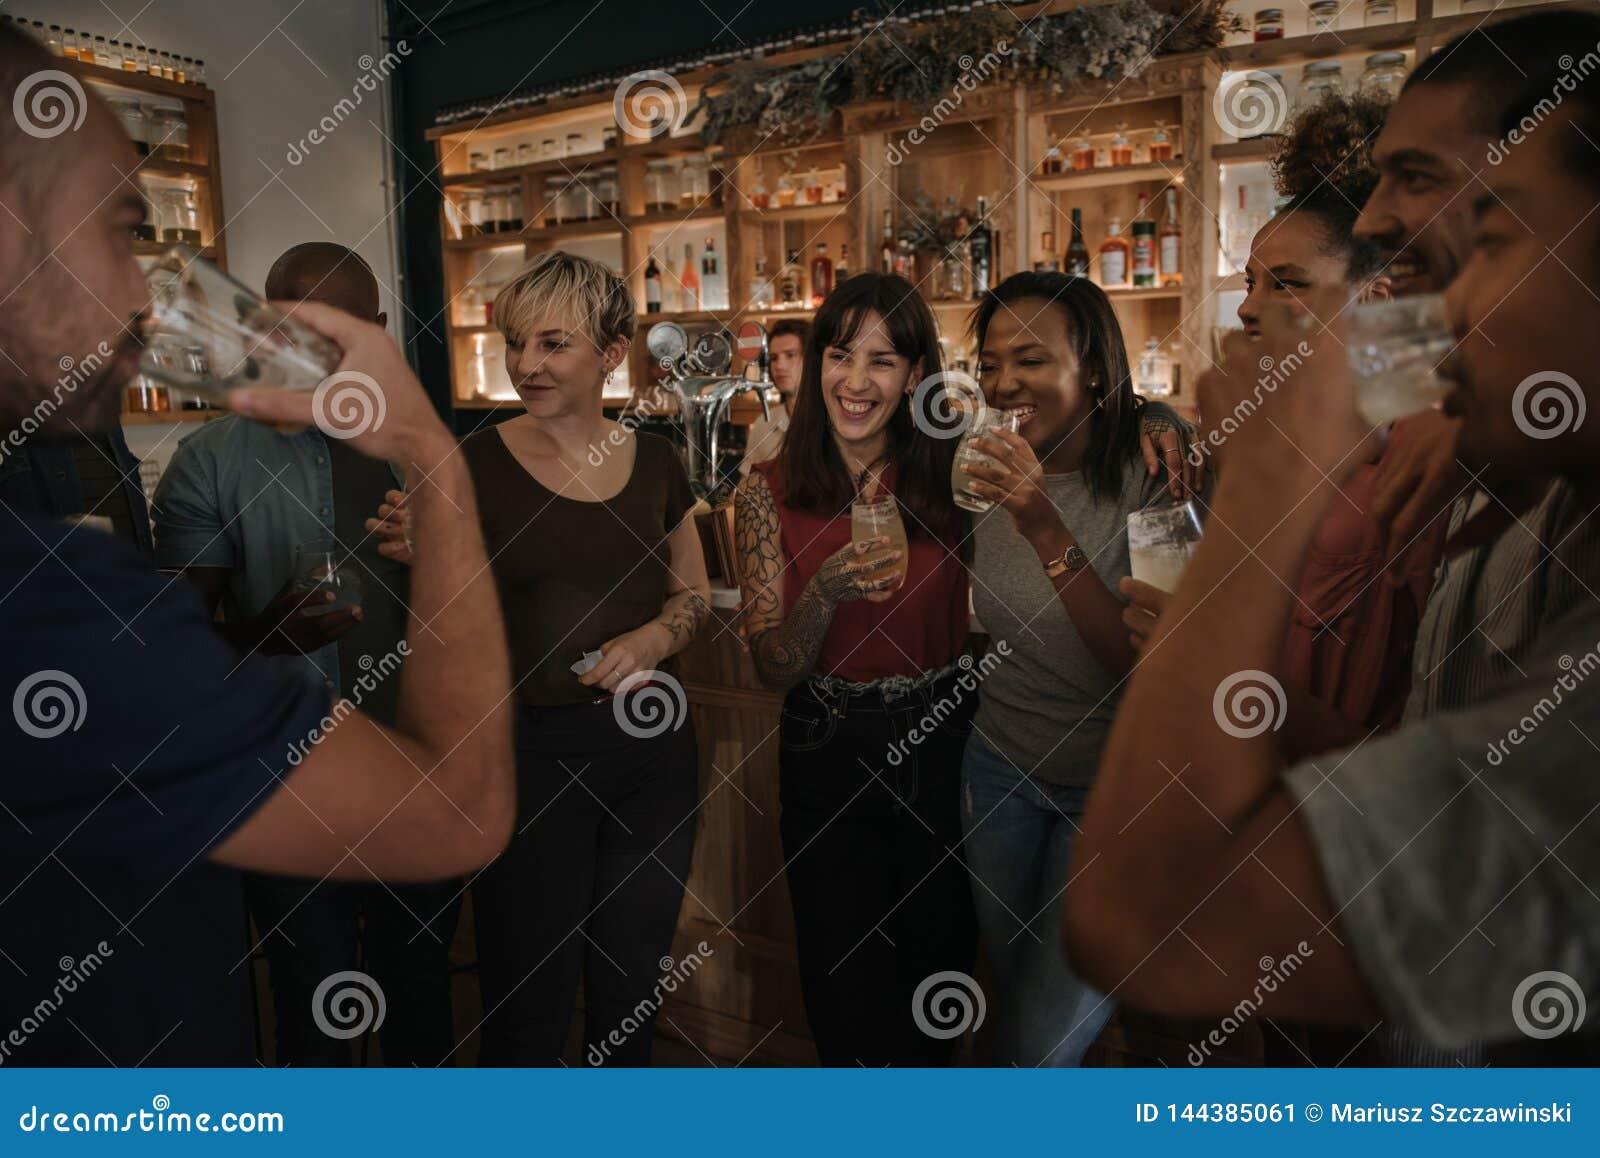 Freunde, die zusammen in einer Bar nachts trinken und sprechen